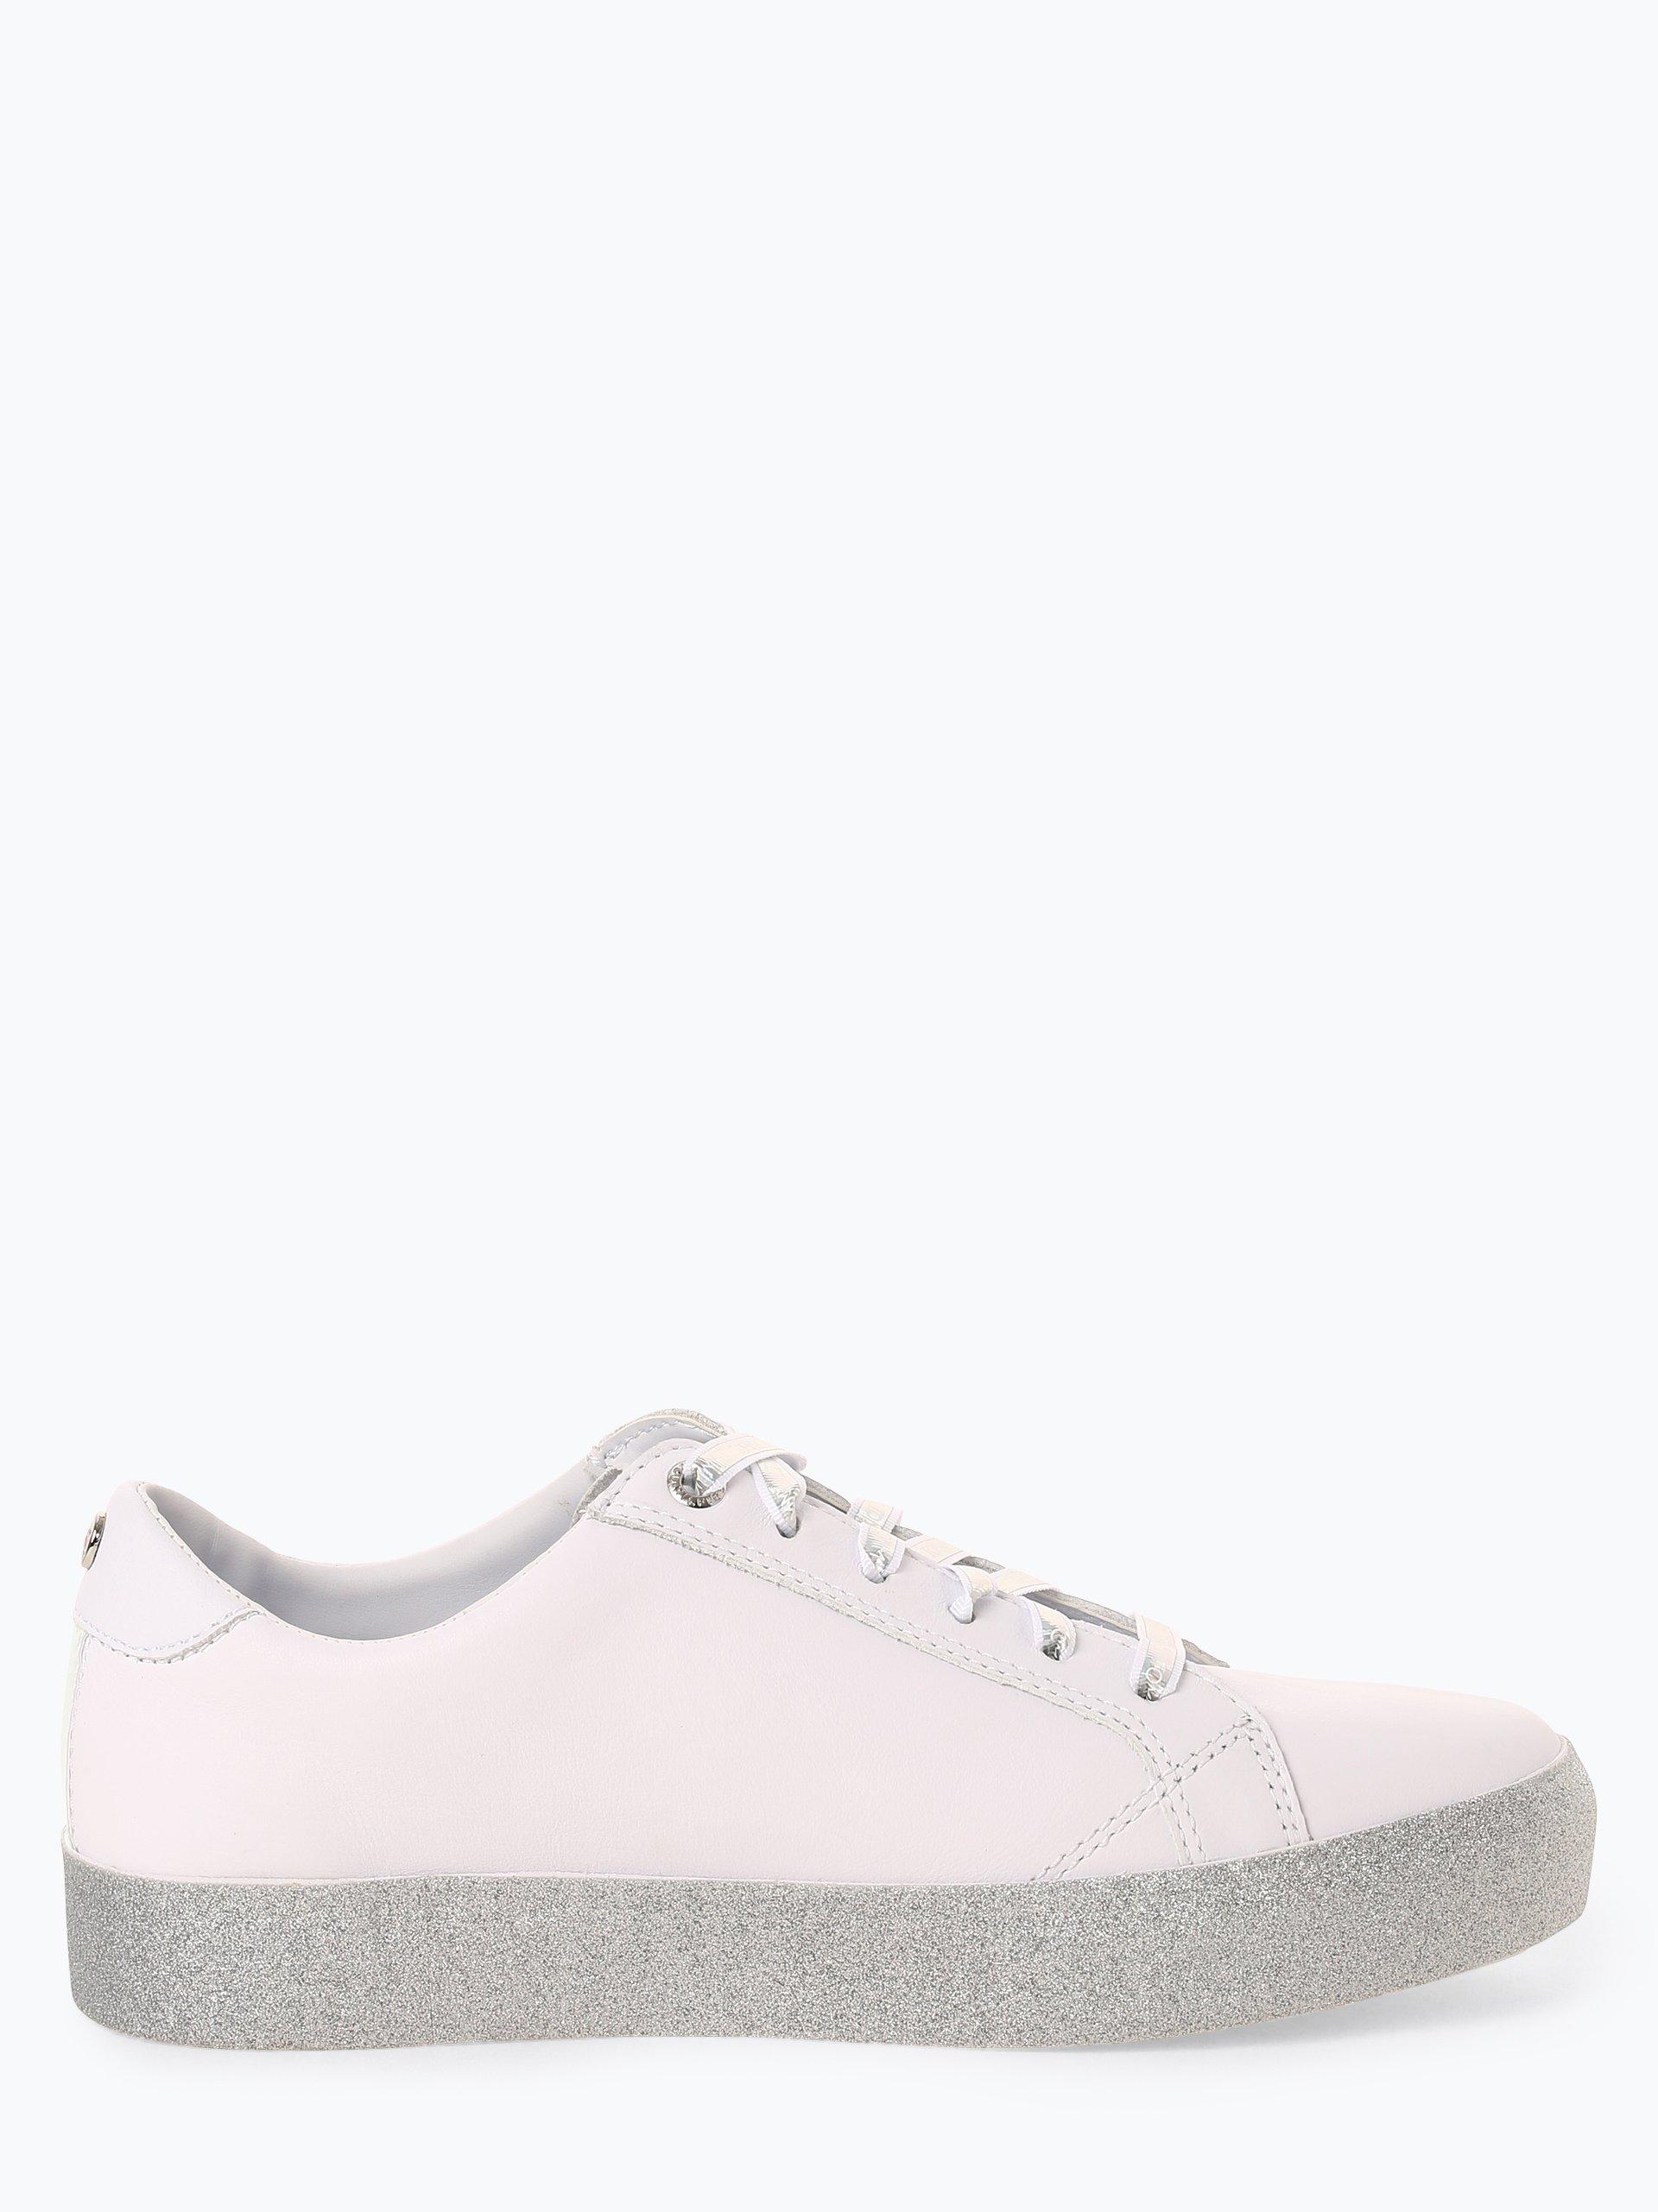 Tommy Hilfiger Damen Sneaker aus Leder